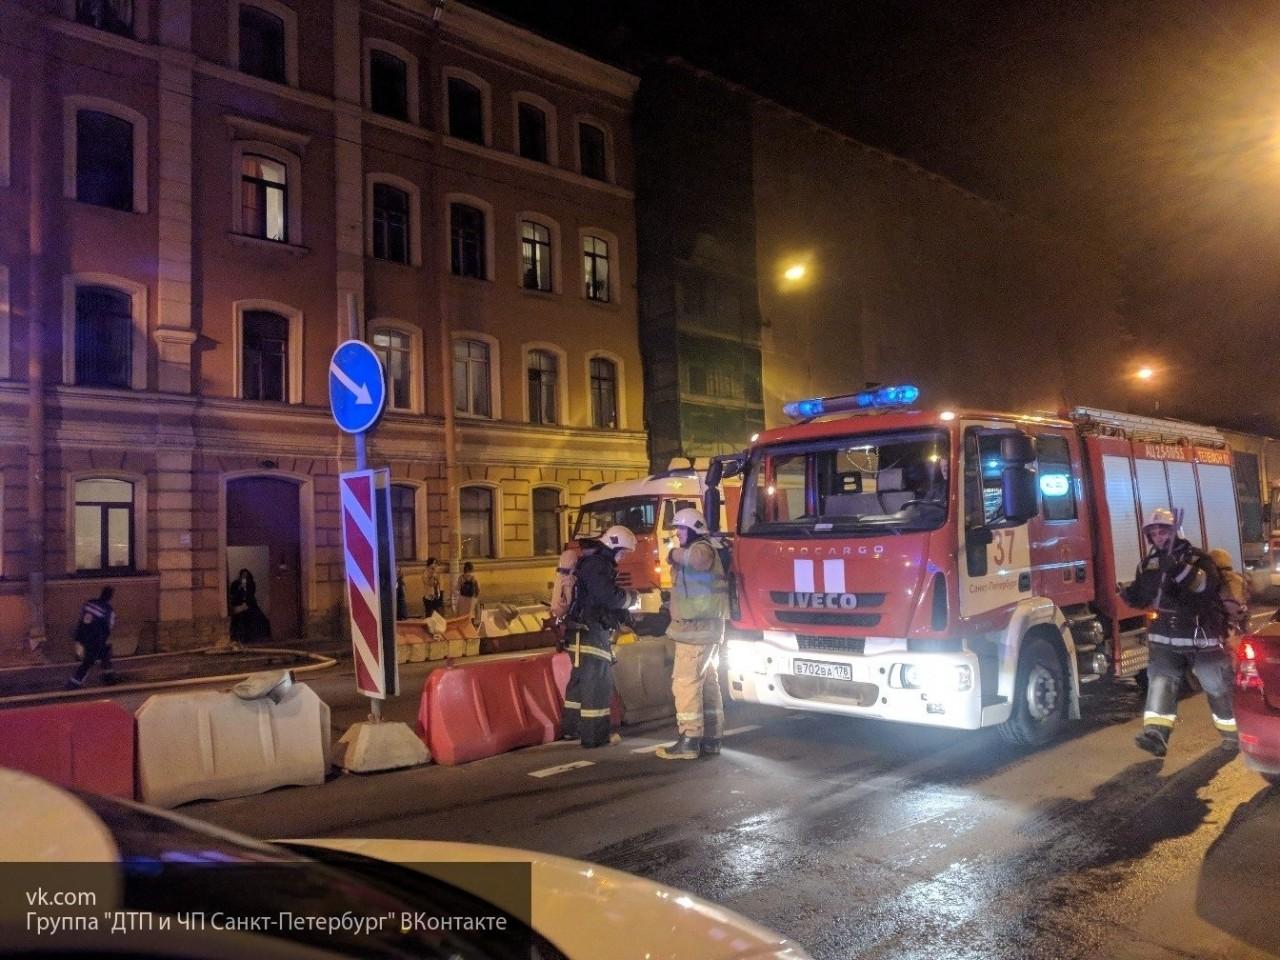 Крупный пожар произошел в многоквартирном доме в Самаре